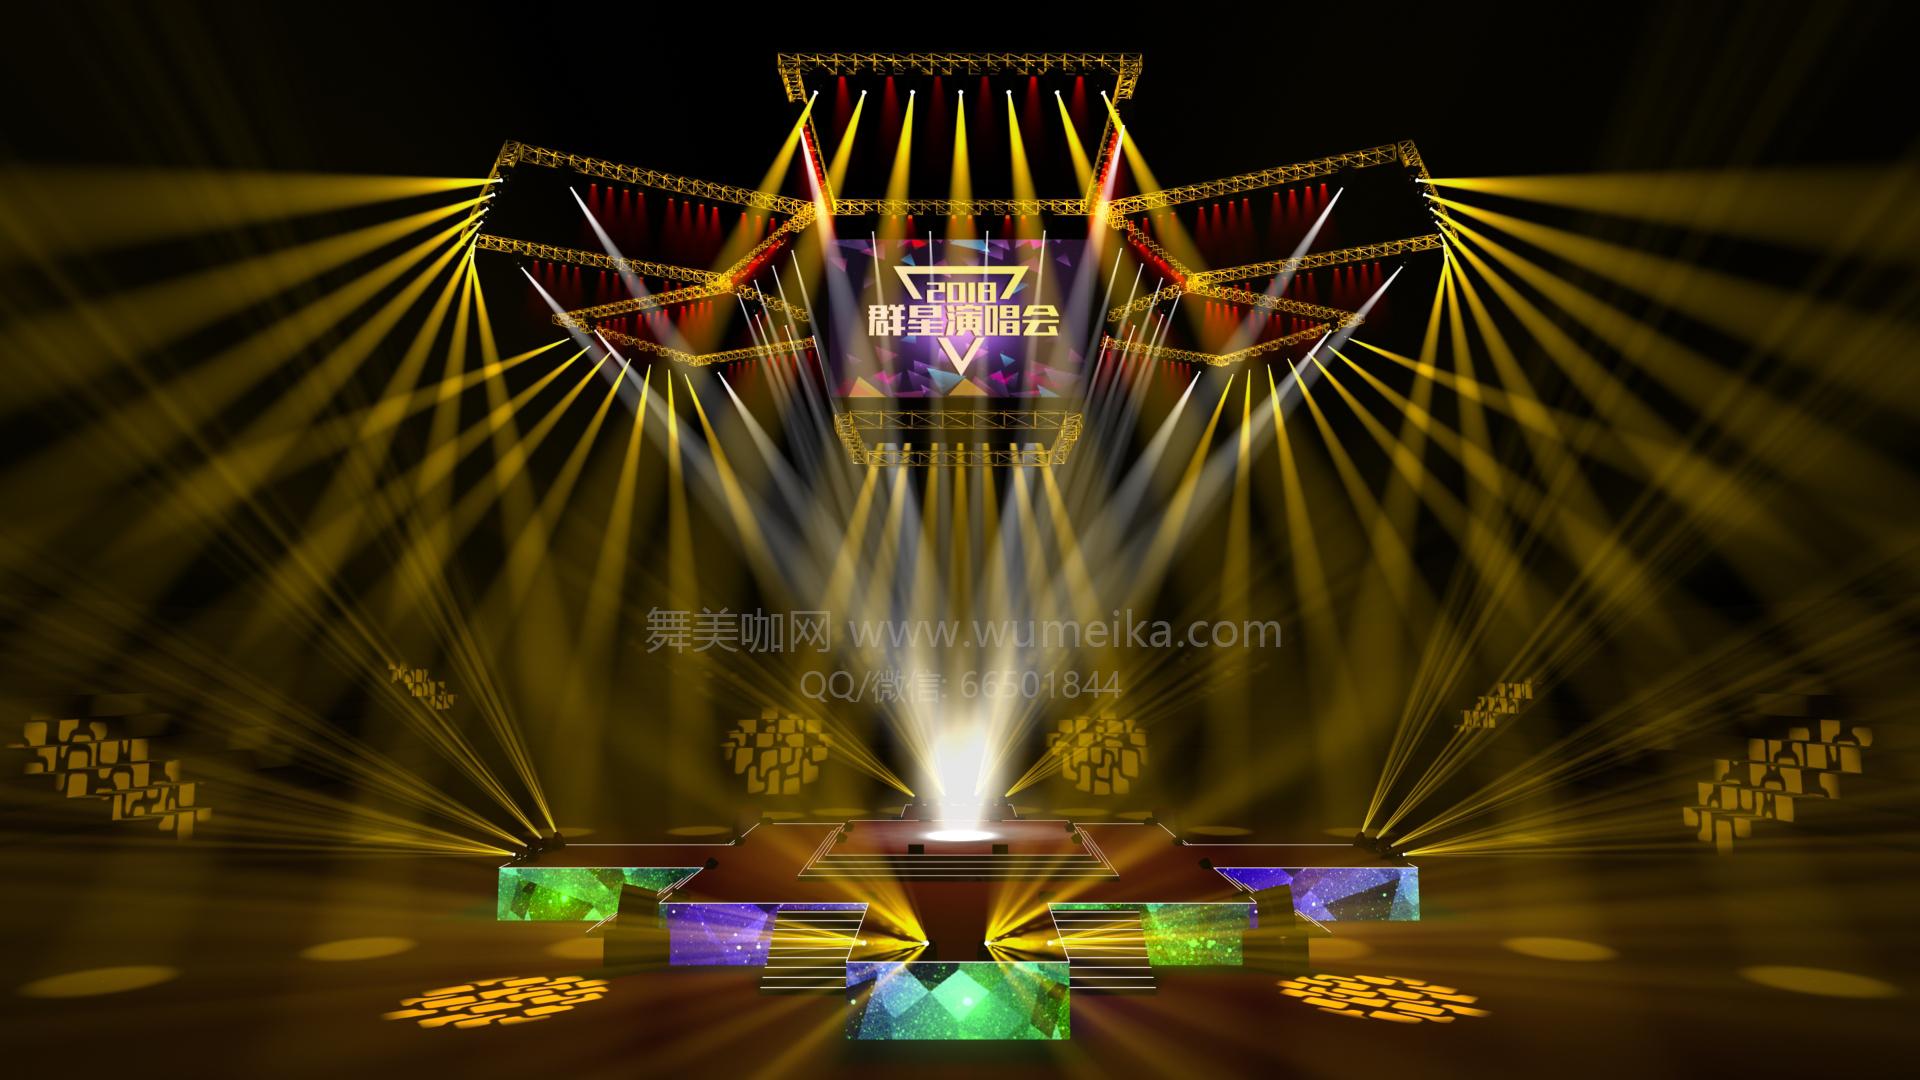 四面观众舞台效果图设计